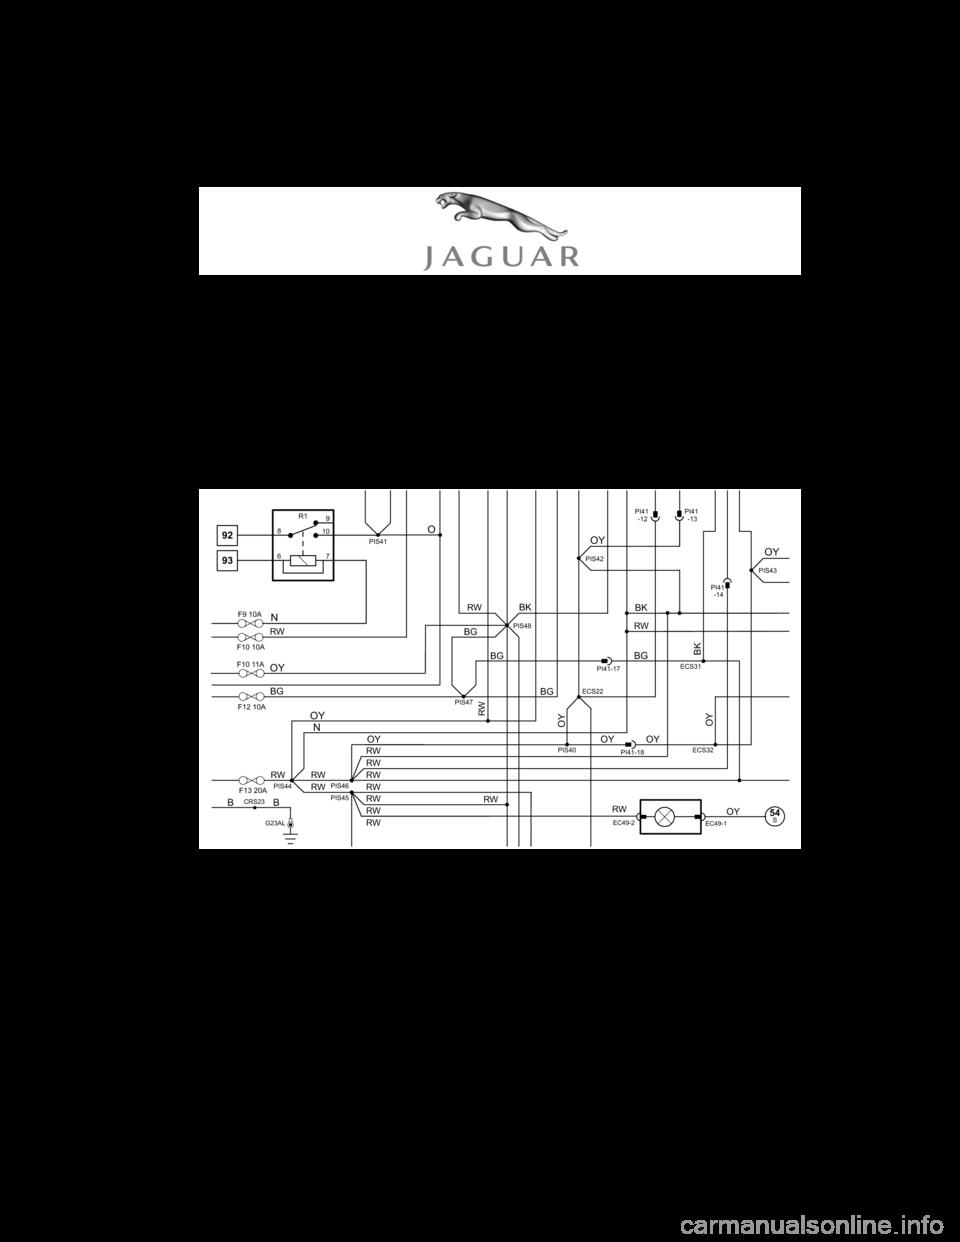 2001 Jaguar S Type Relay Diagram Wiring Schematic